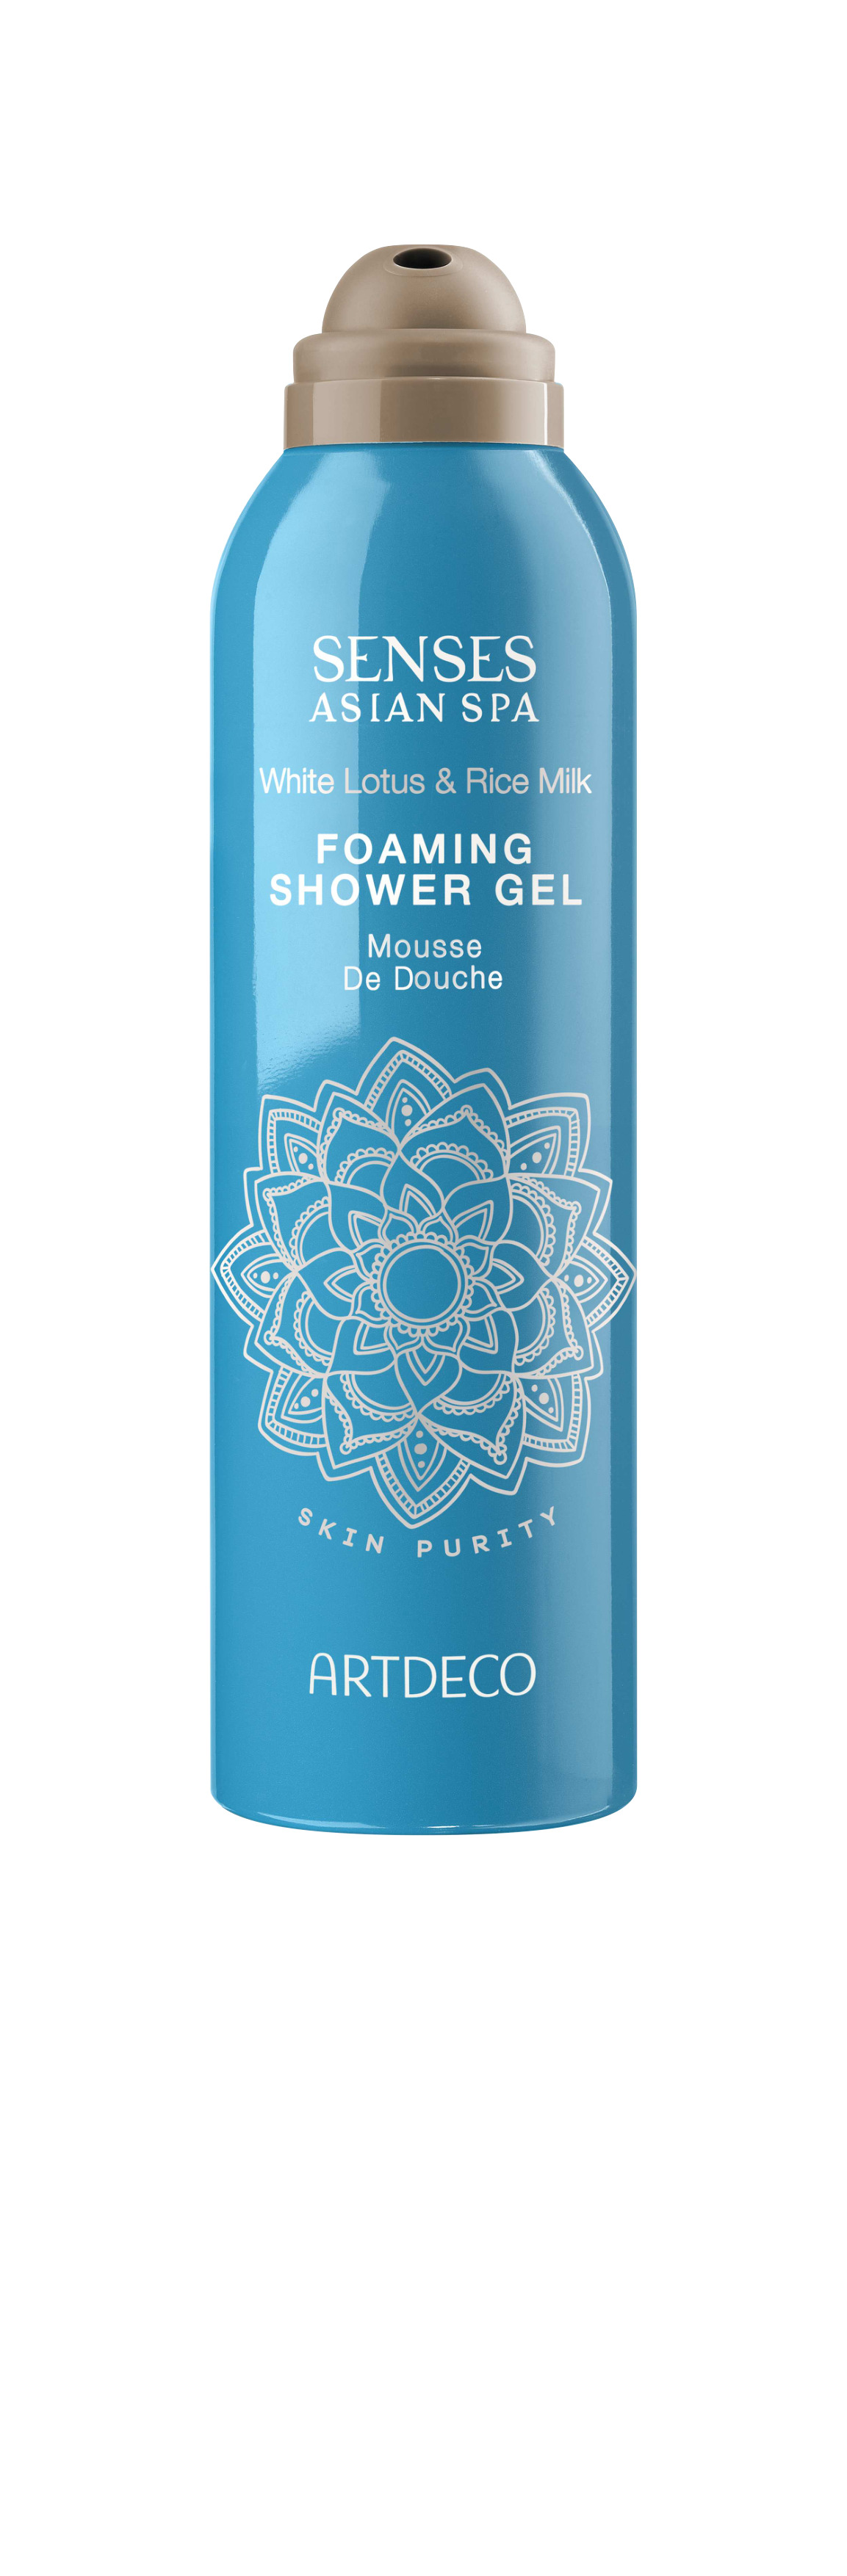 Artdeco гель-пена для душа Foaming shower gel, skin purity, 200 мл65400Нежно очищает кожуУвлажняет и освежаетПри контакте с водой превращается в воздушную пену